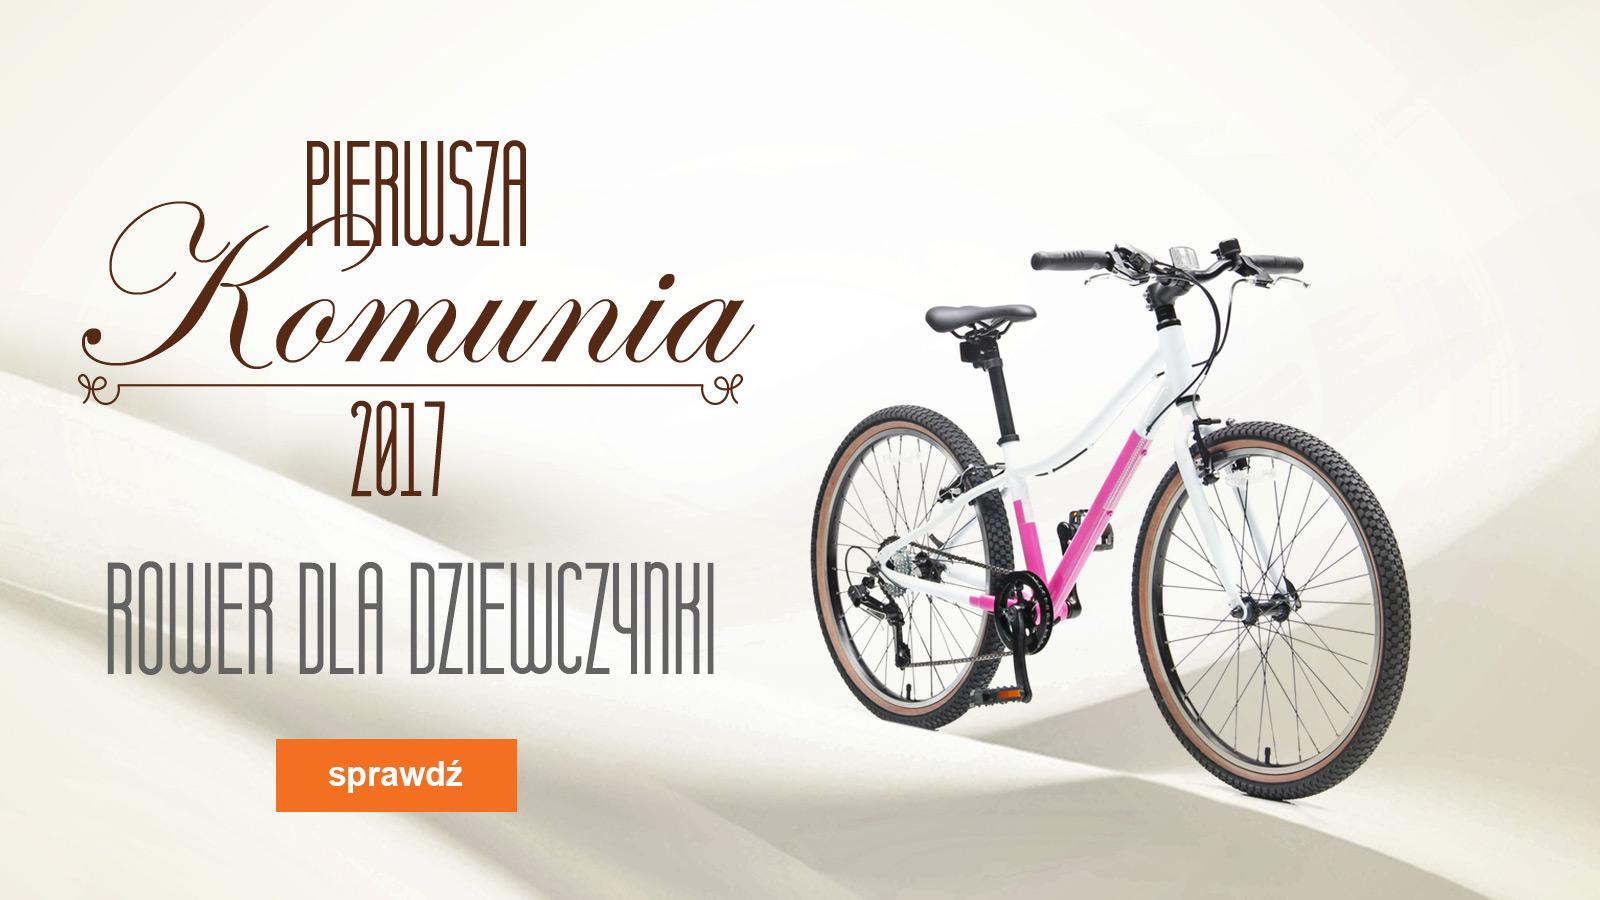 Komunia 2017 Jaki Rower Wybrac Dla Dziewczynki Allegro Pl